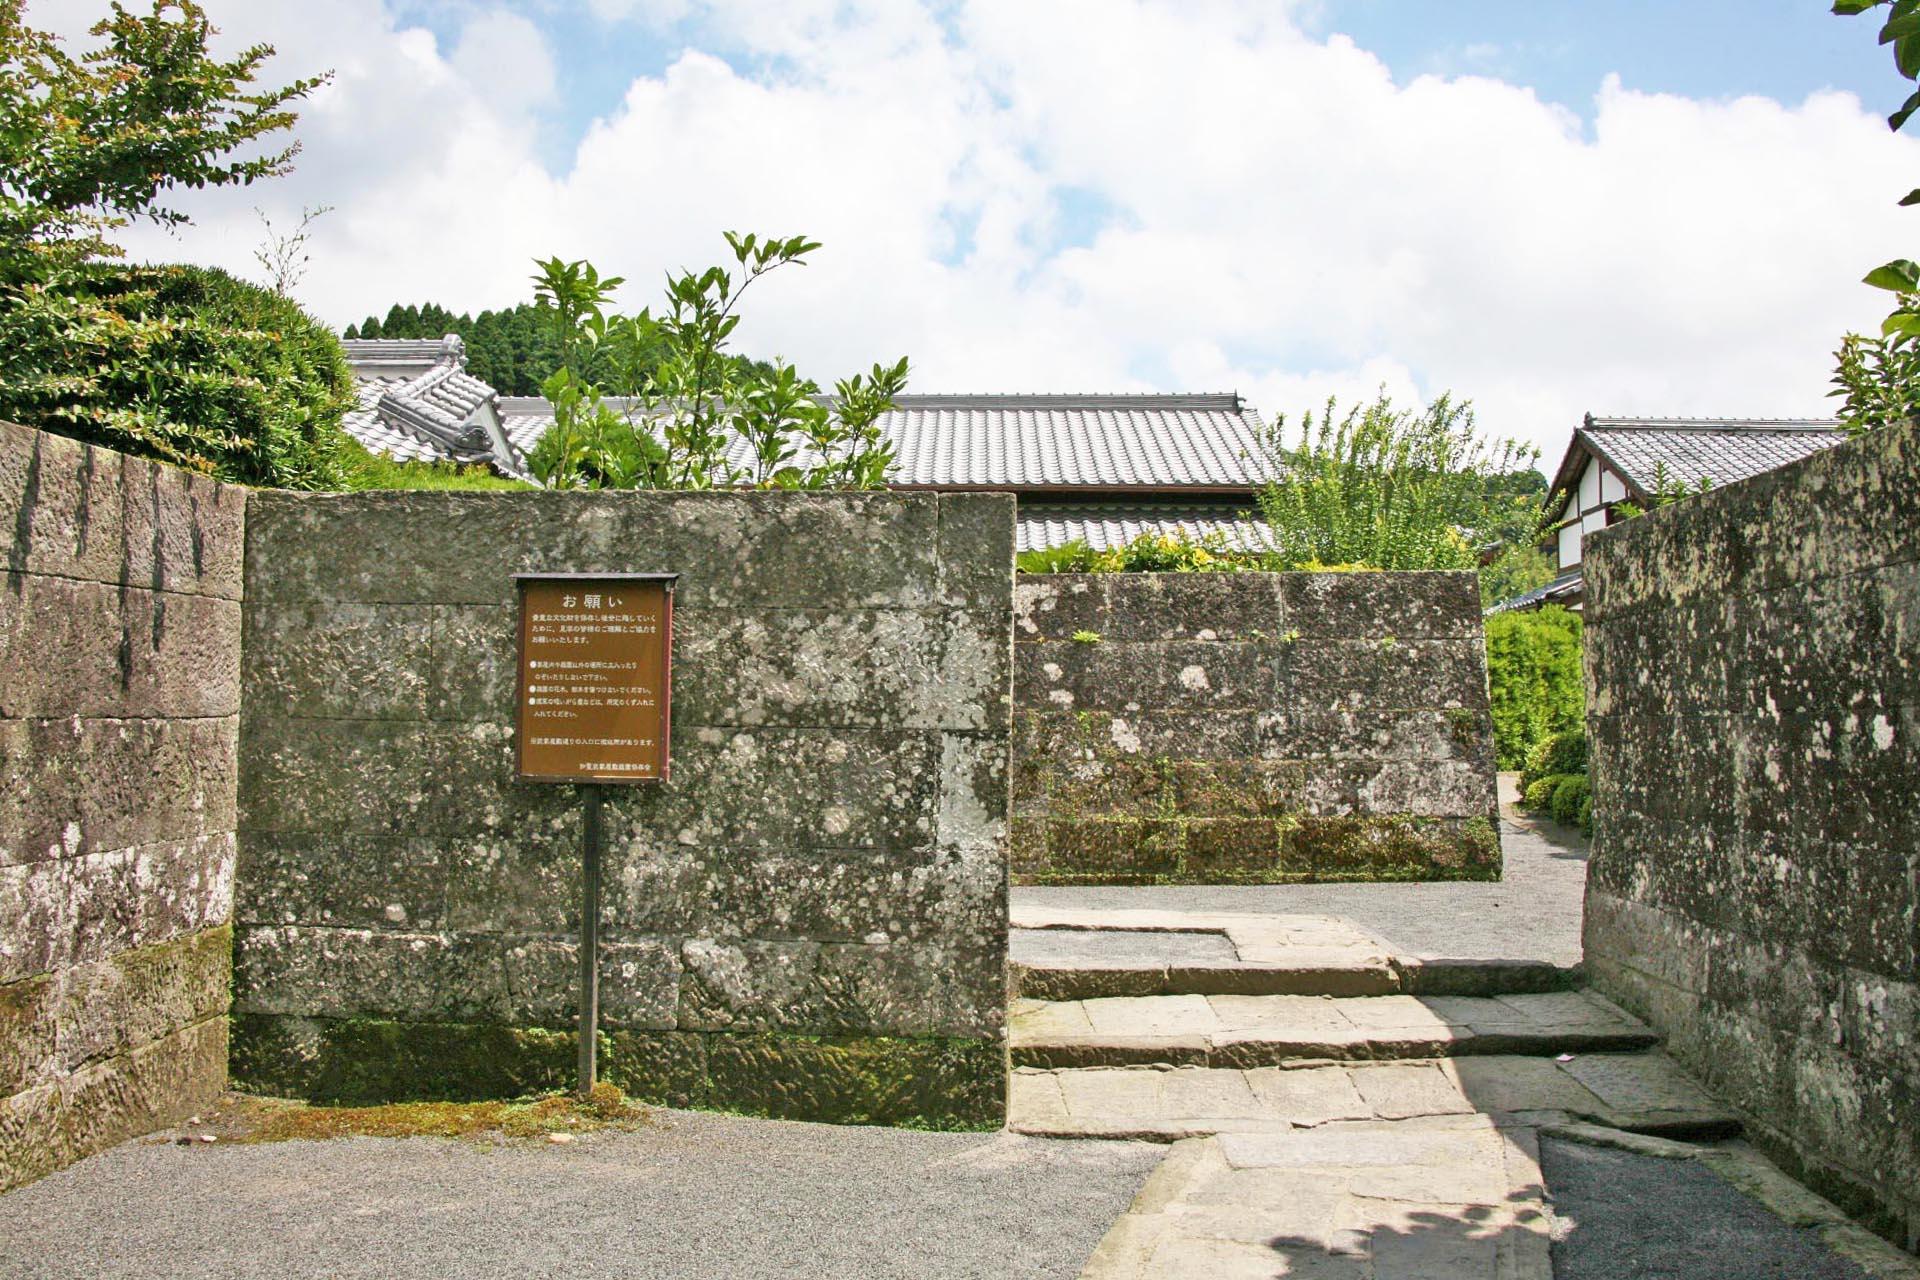 知覧武家屋敷 鹿児島の風景